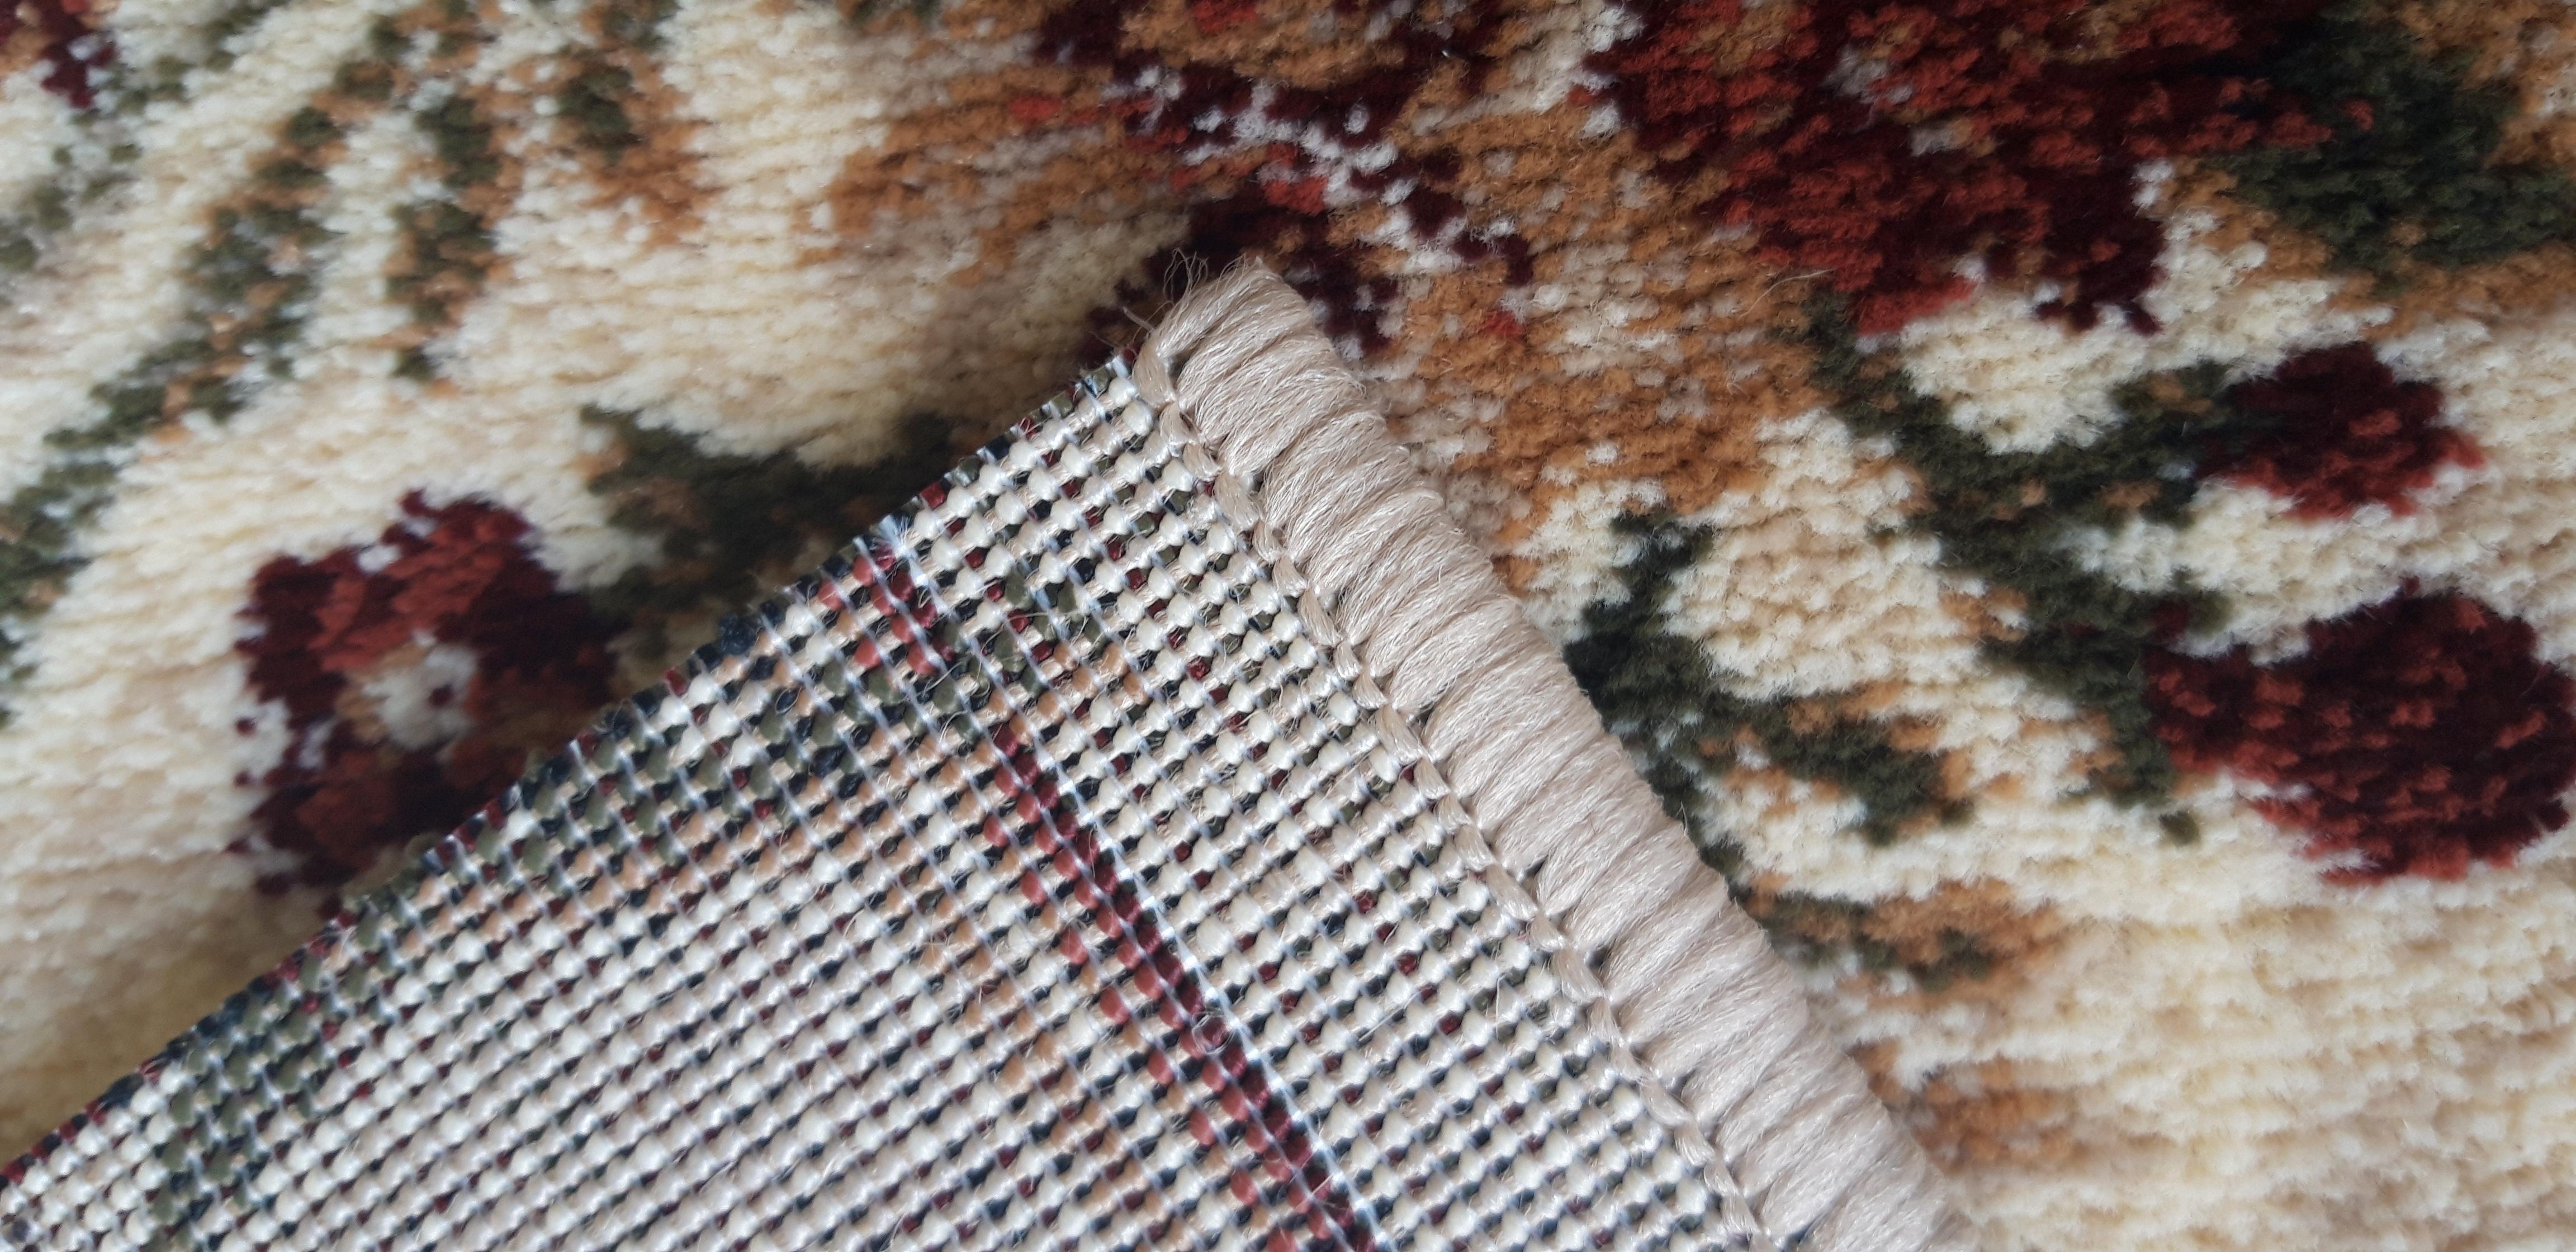 Traversa Covor, Lotos 551, Crem / Bej, 100x800 cm, 1800 gr/mp 3